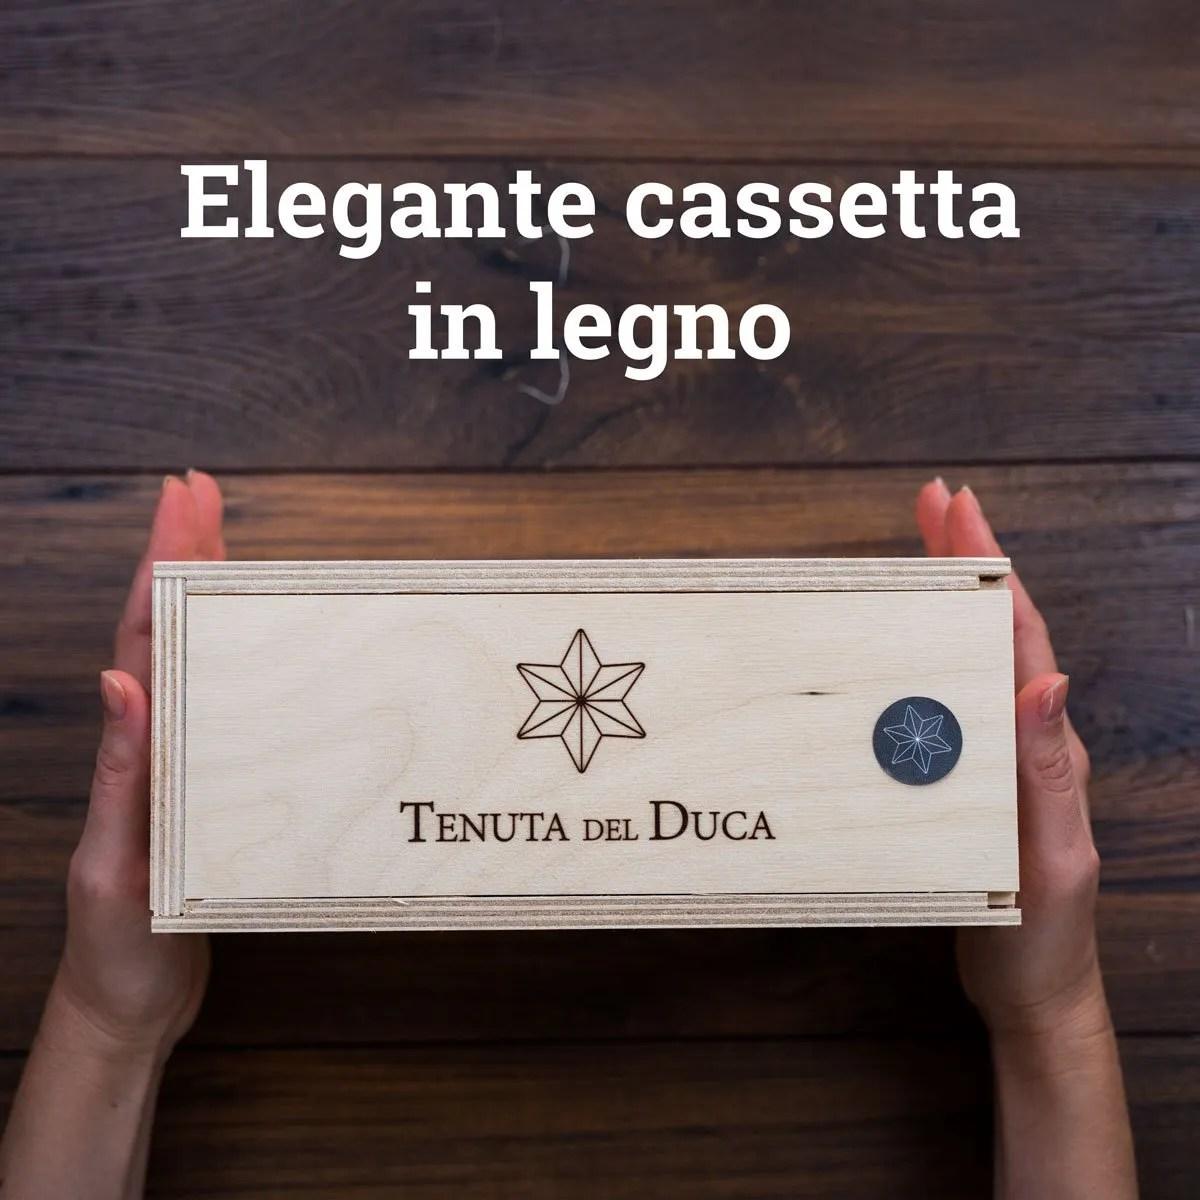 Oro di Piana Cassetta in legno01 - Tenuta del Duca